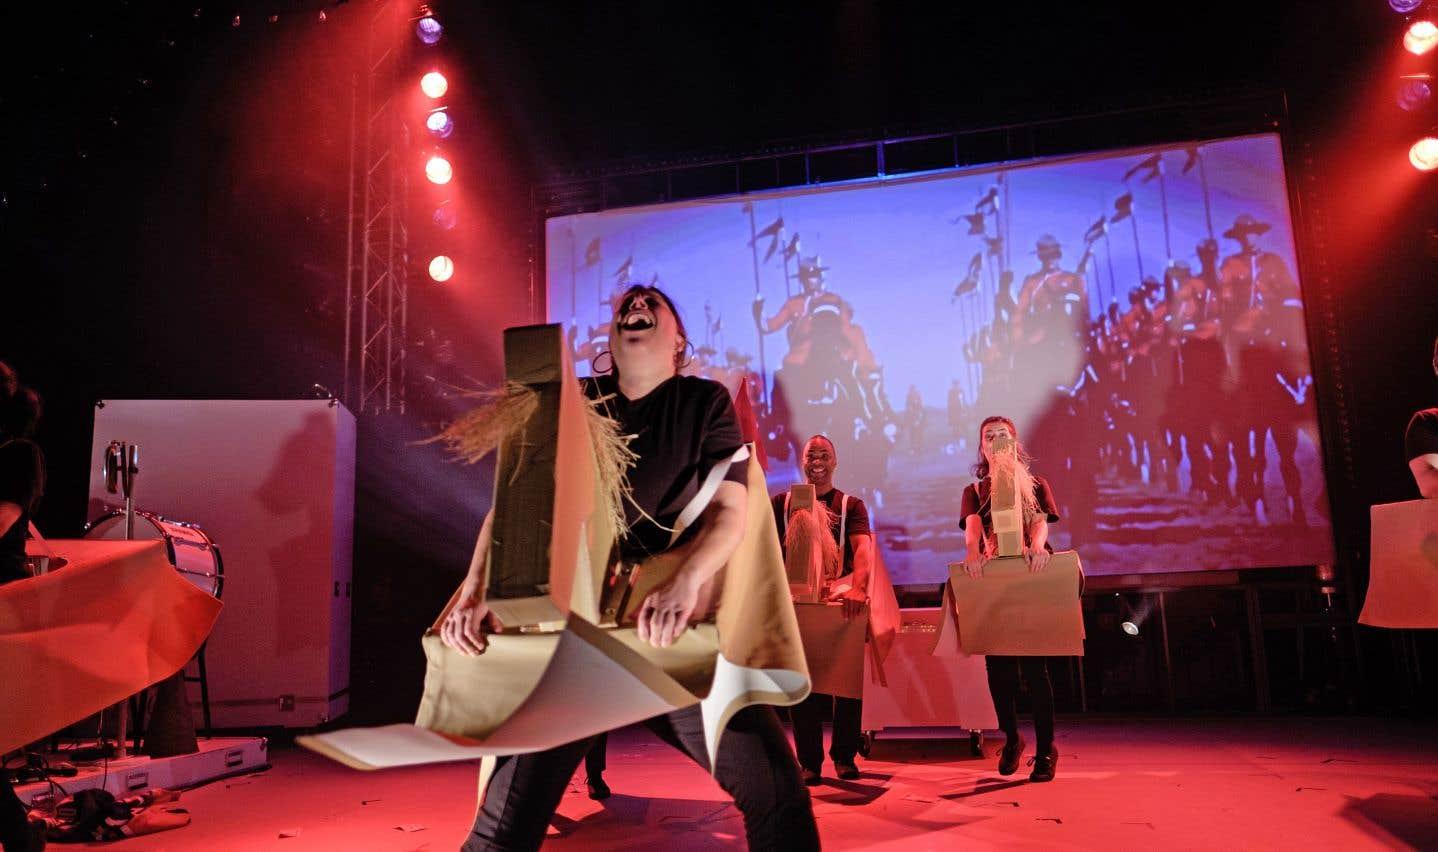 Le spectacle emprunte le ton pédagogique et ludique qu'on reconnaît au Nouveau Théâtre Expérimental.